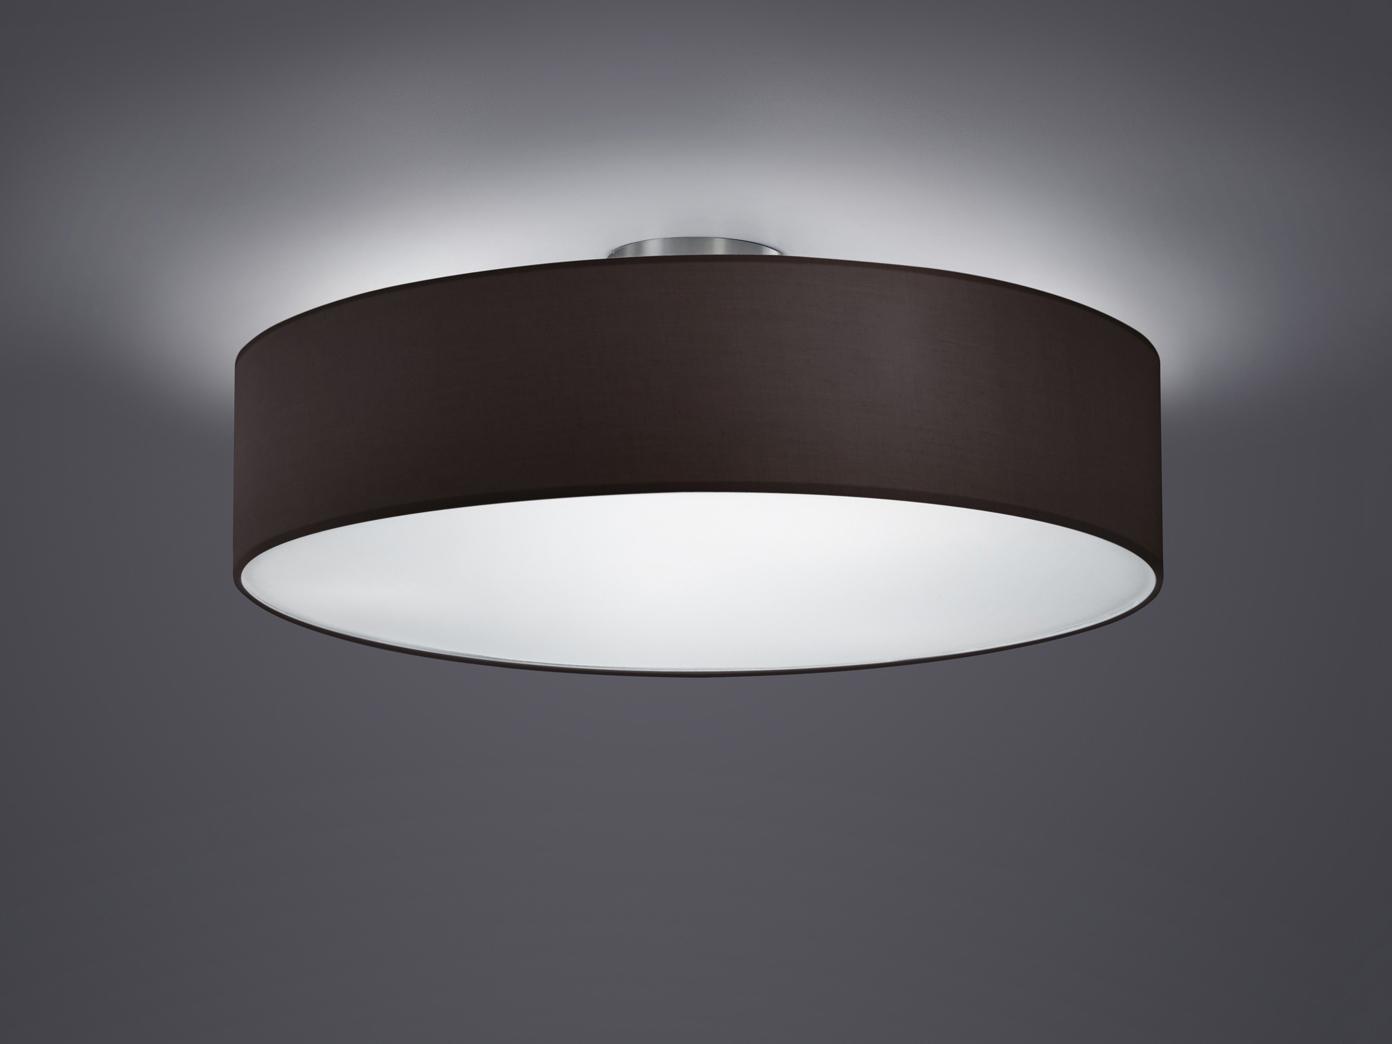 TRIO Design Deckenleuchte mit Stoff schwarz Ø 50cm, Schirm Rund Deckenlampe